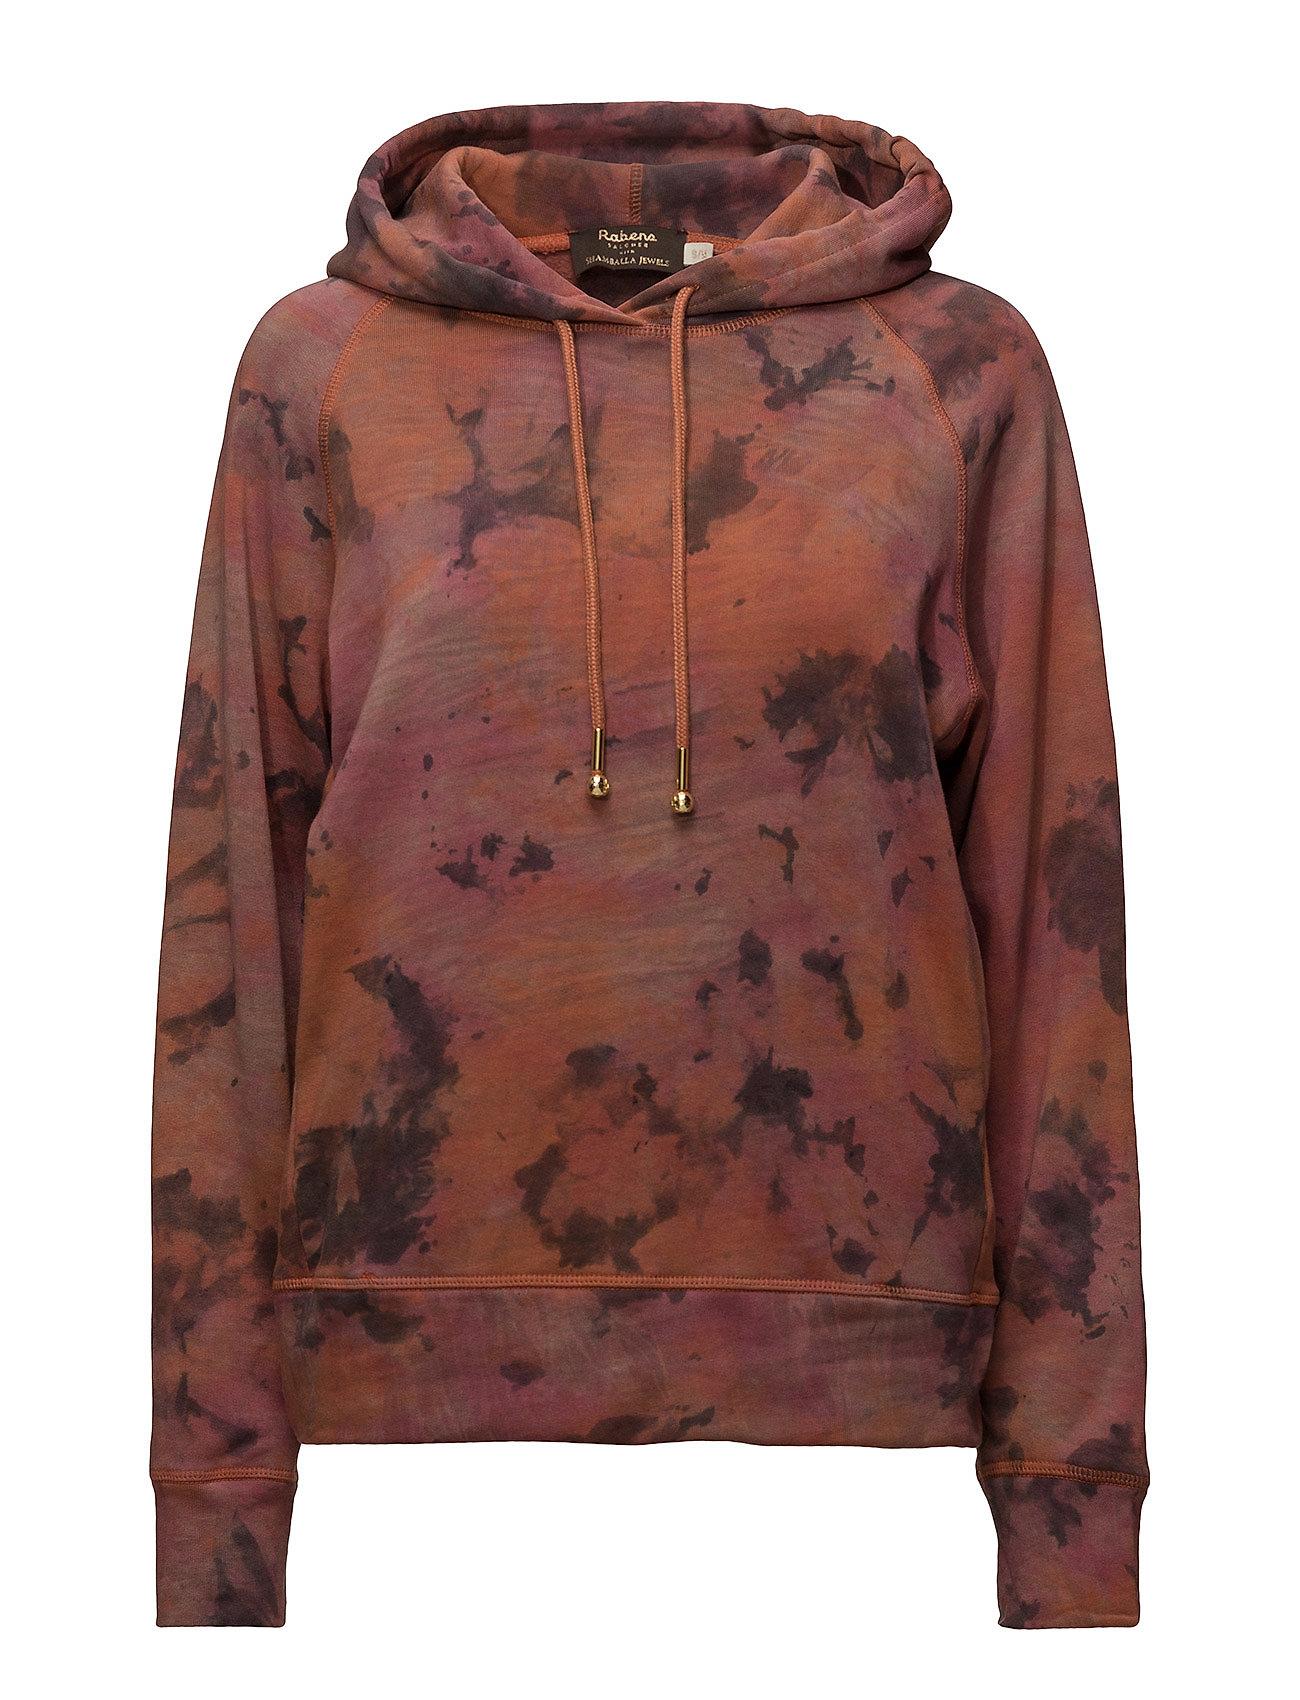 Rabens Saloner Redcross tiedye hoodie